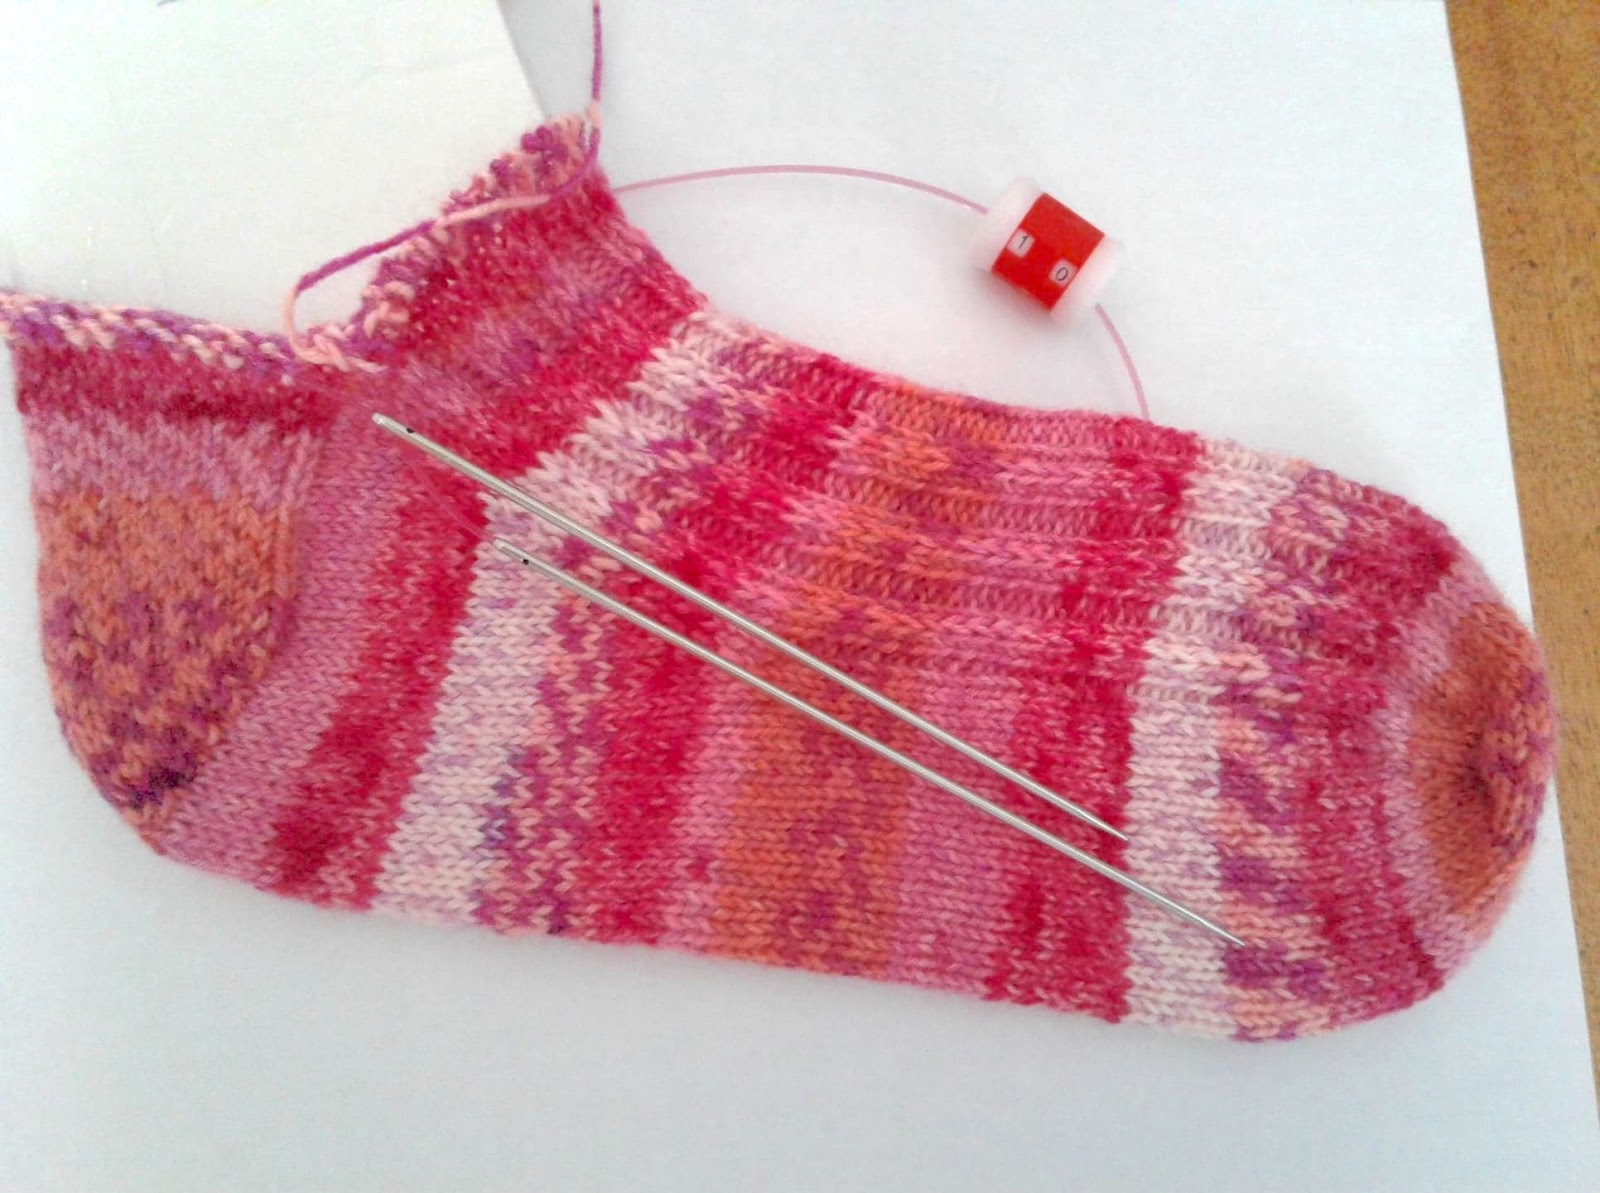 Addi click Lace Long Tips interchangeables circulaire aiguille à tricoter Set